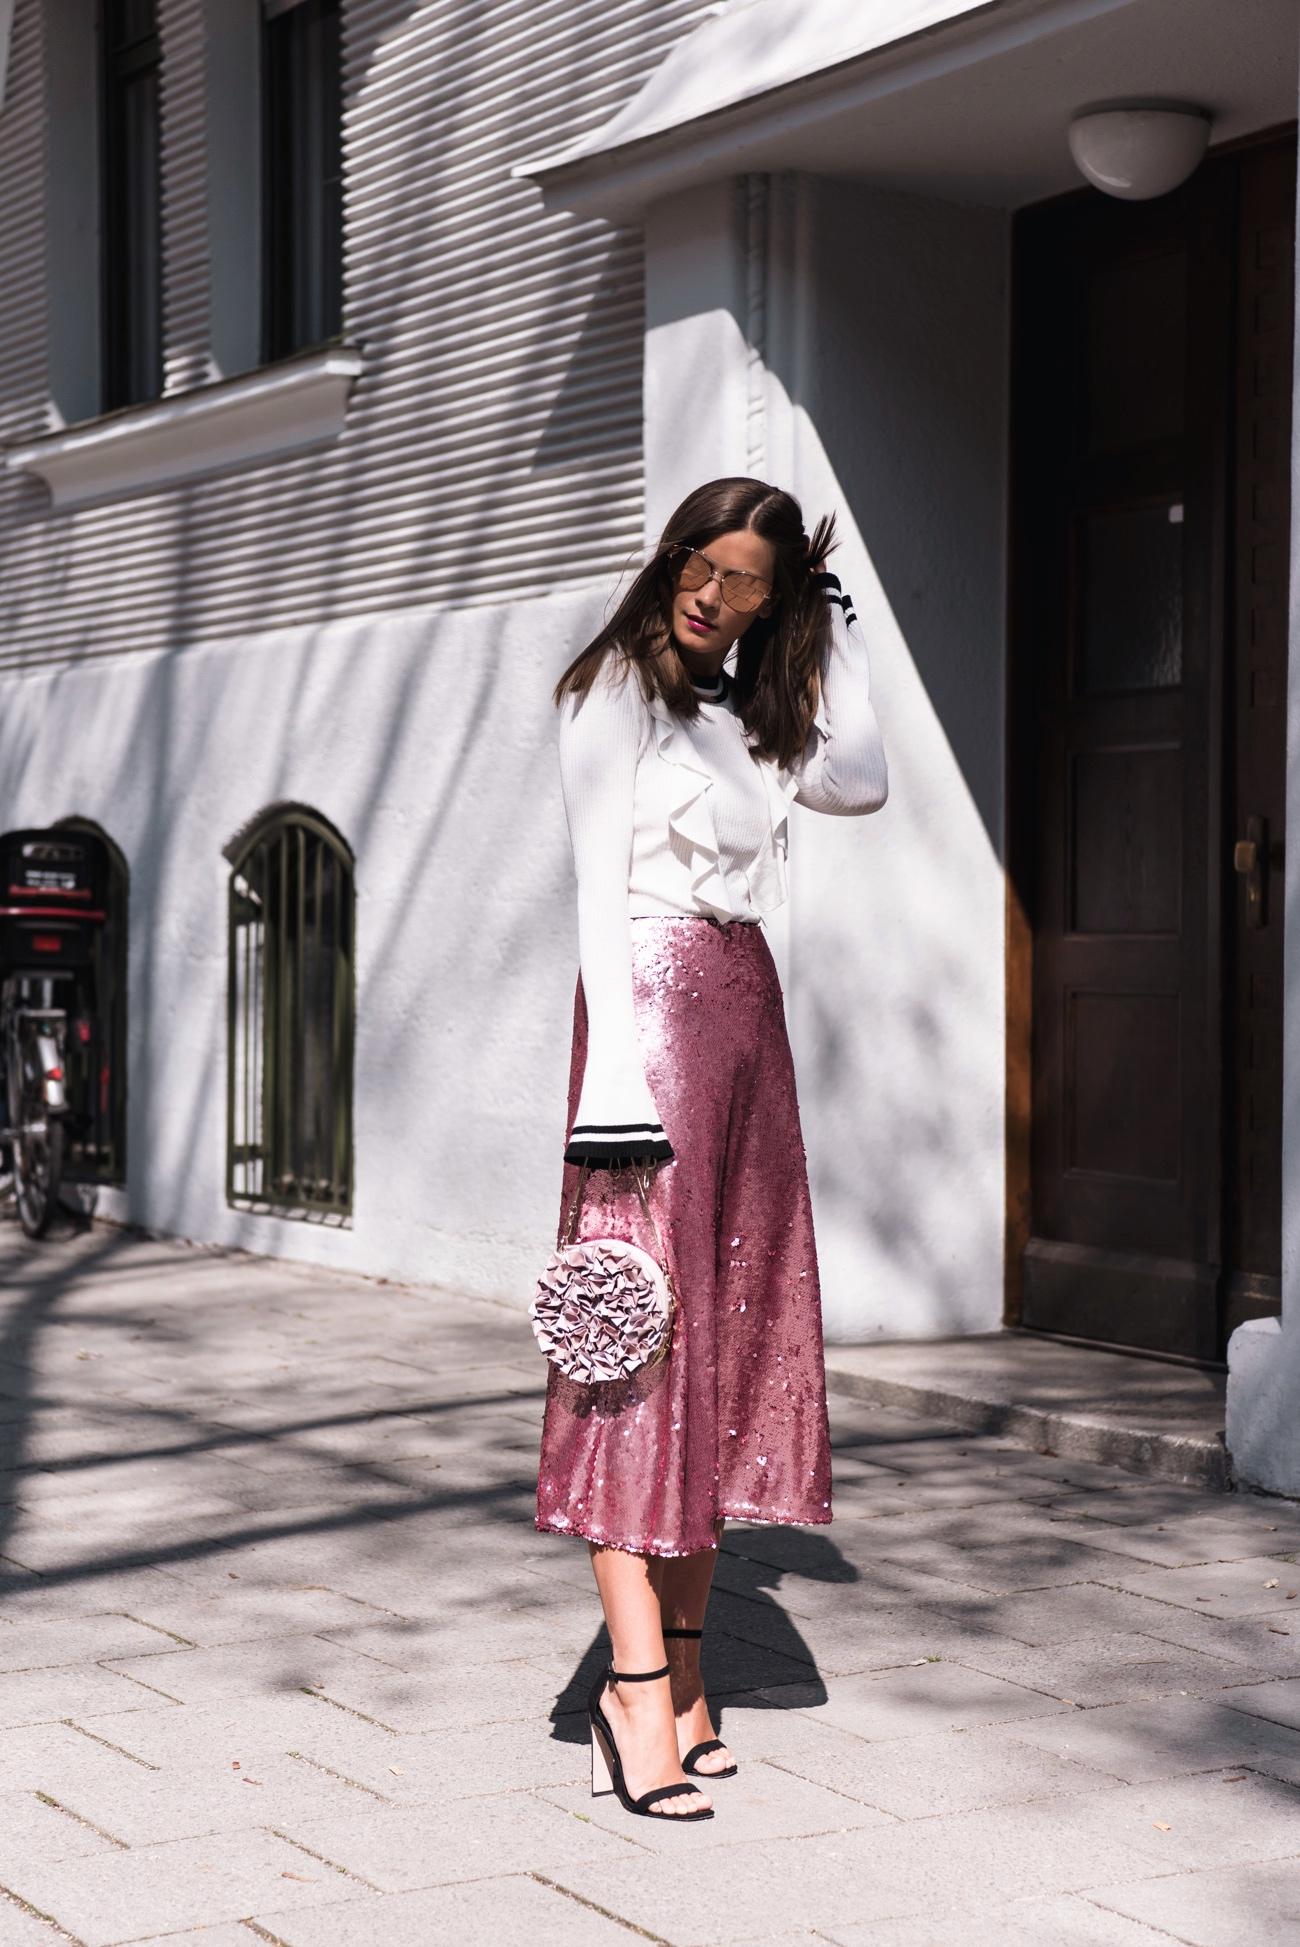 pinker-pailletten-rock-h-und-m-sequin-skirt-streetstyle-fashiioncarpet